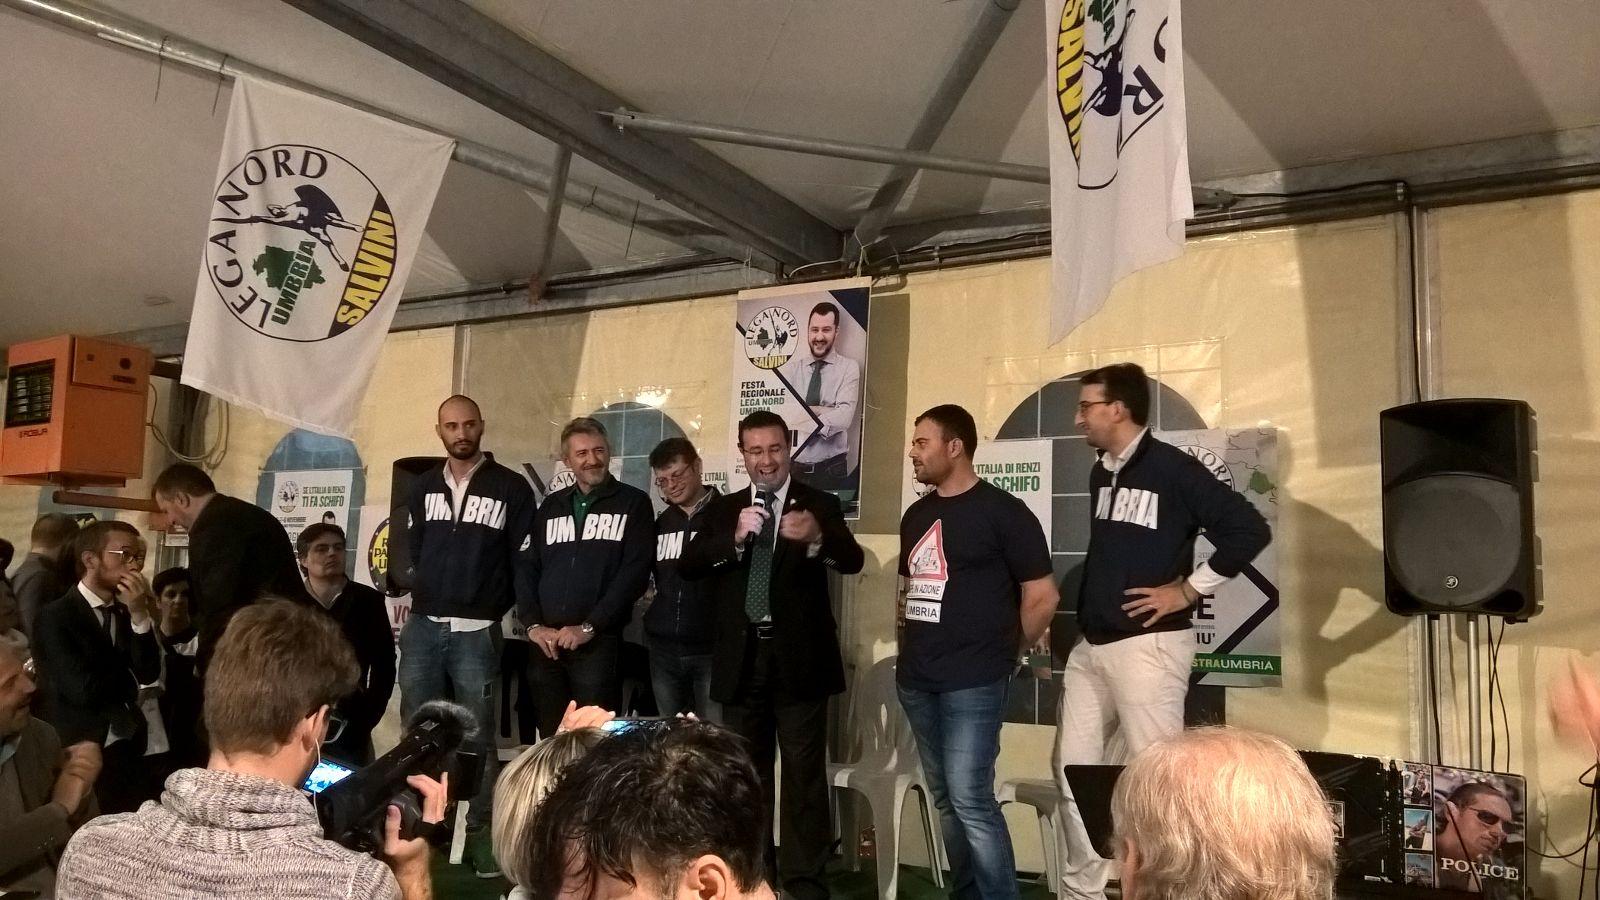 Successo per la prima festa della Lega Nord Umbria